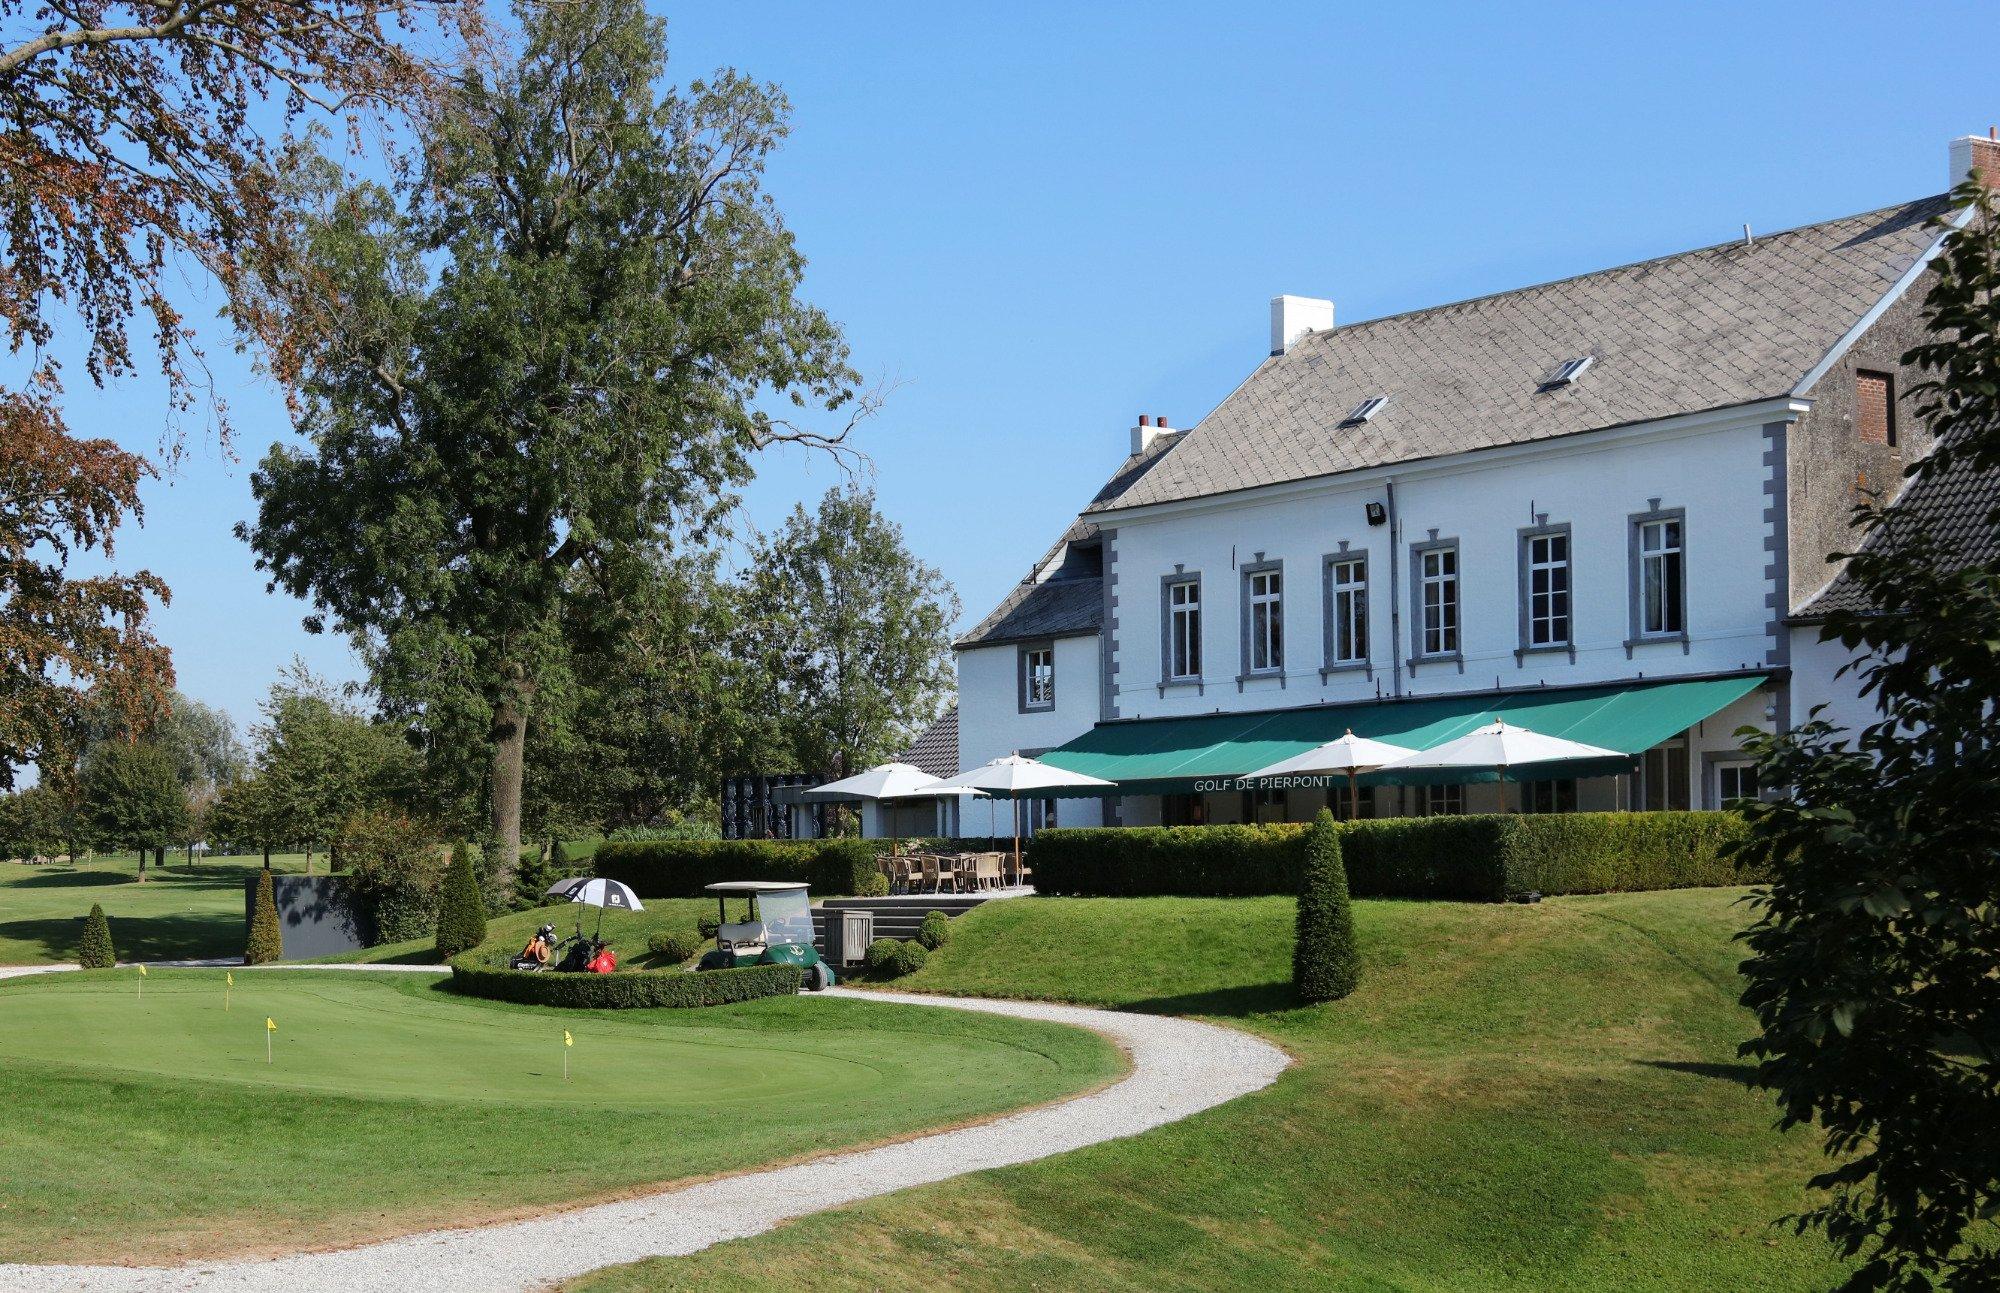 Hotel Golf de Pierpont